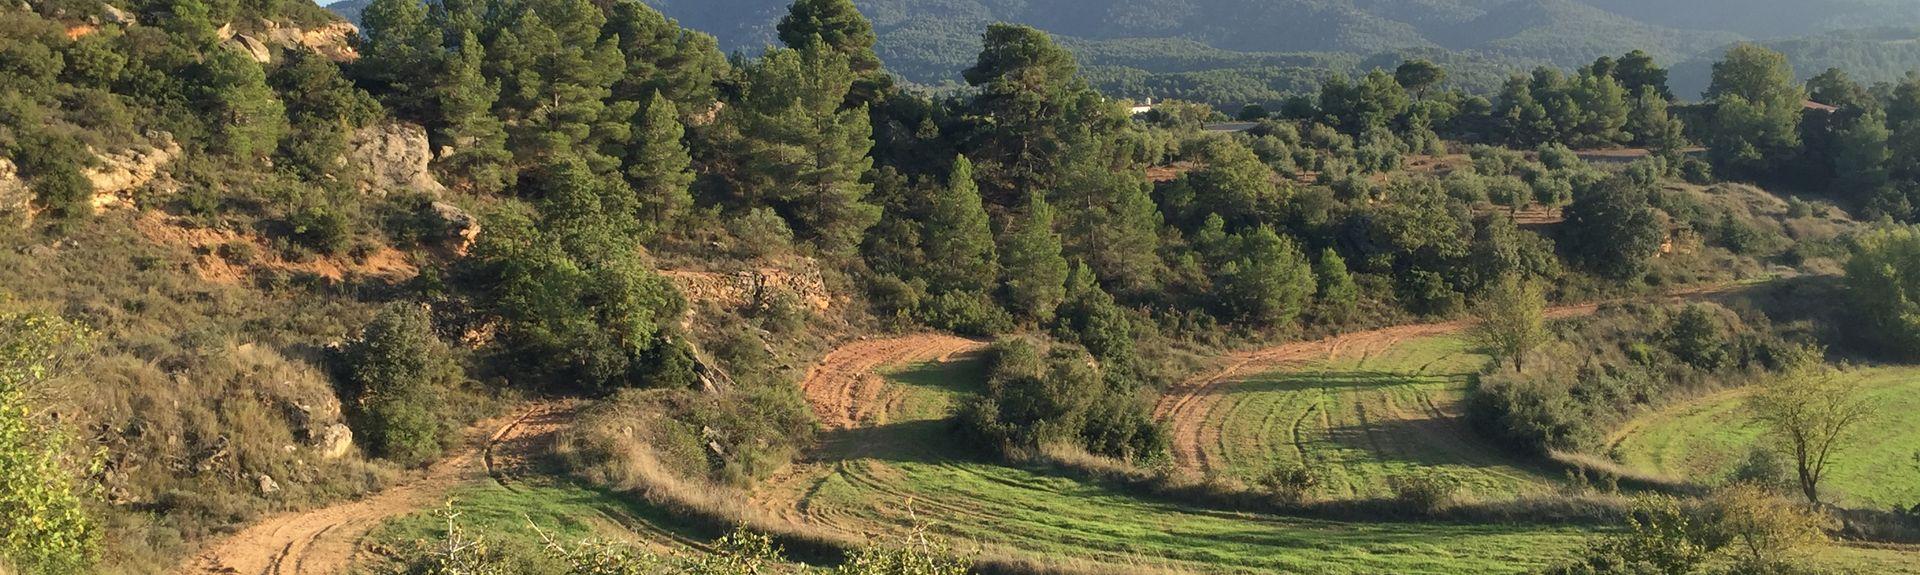 L'Albi, Catalonië, Spanje